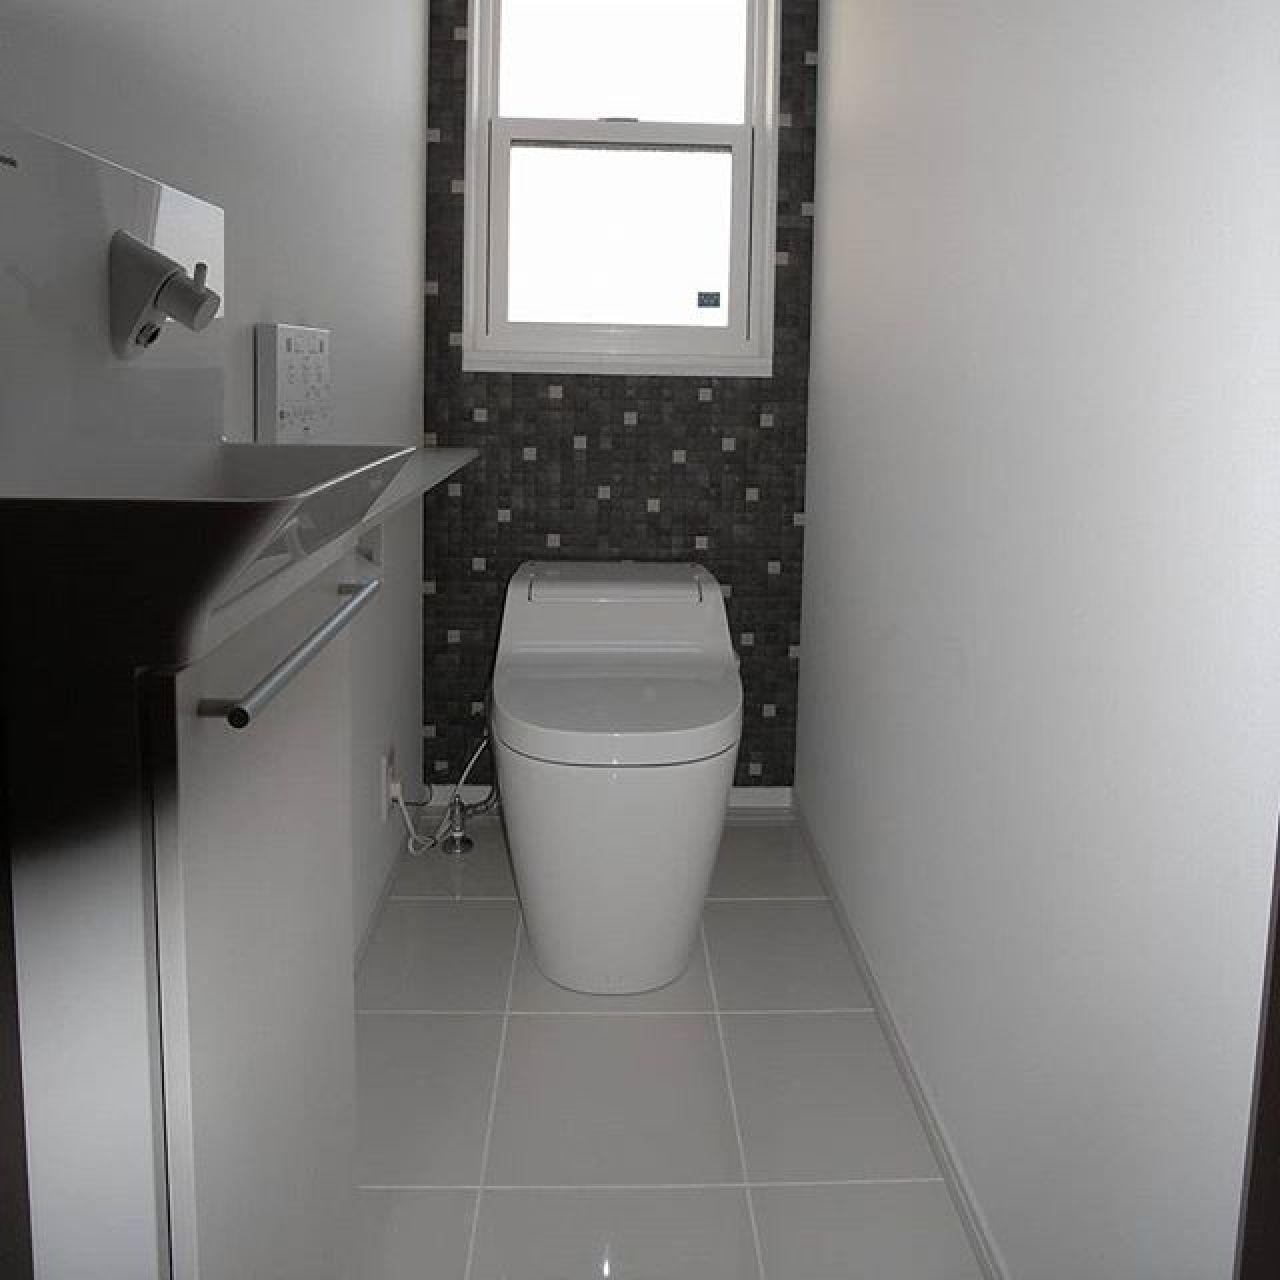 クッションフロアーとすることが多いトイレの床。白いタイル床に奥の壁はエコカラットタイル。床暖房だと蓄熱効果でじんわり暖かい。#トイレ #アラウーノ #タイル床 #エコカラット #手洗い #注文住宅 #上げ下げ窓 #APW330